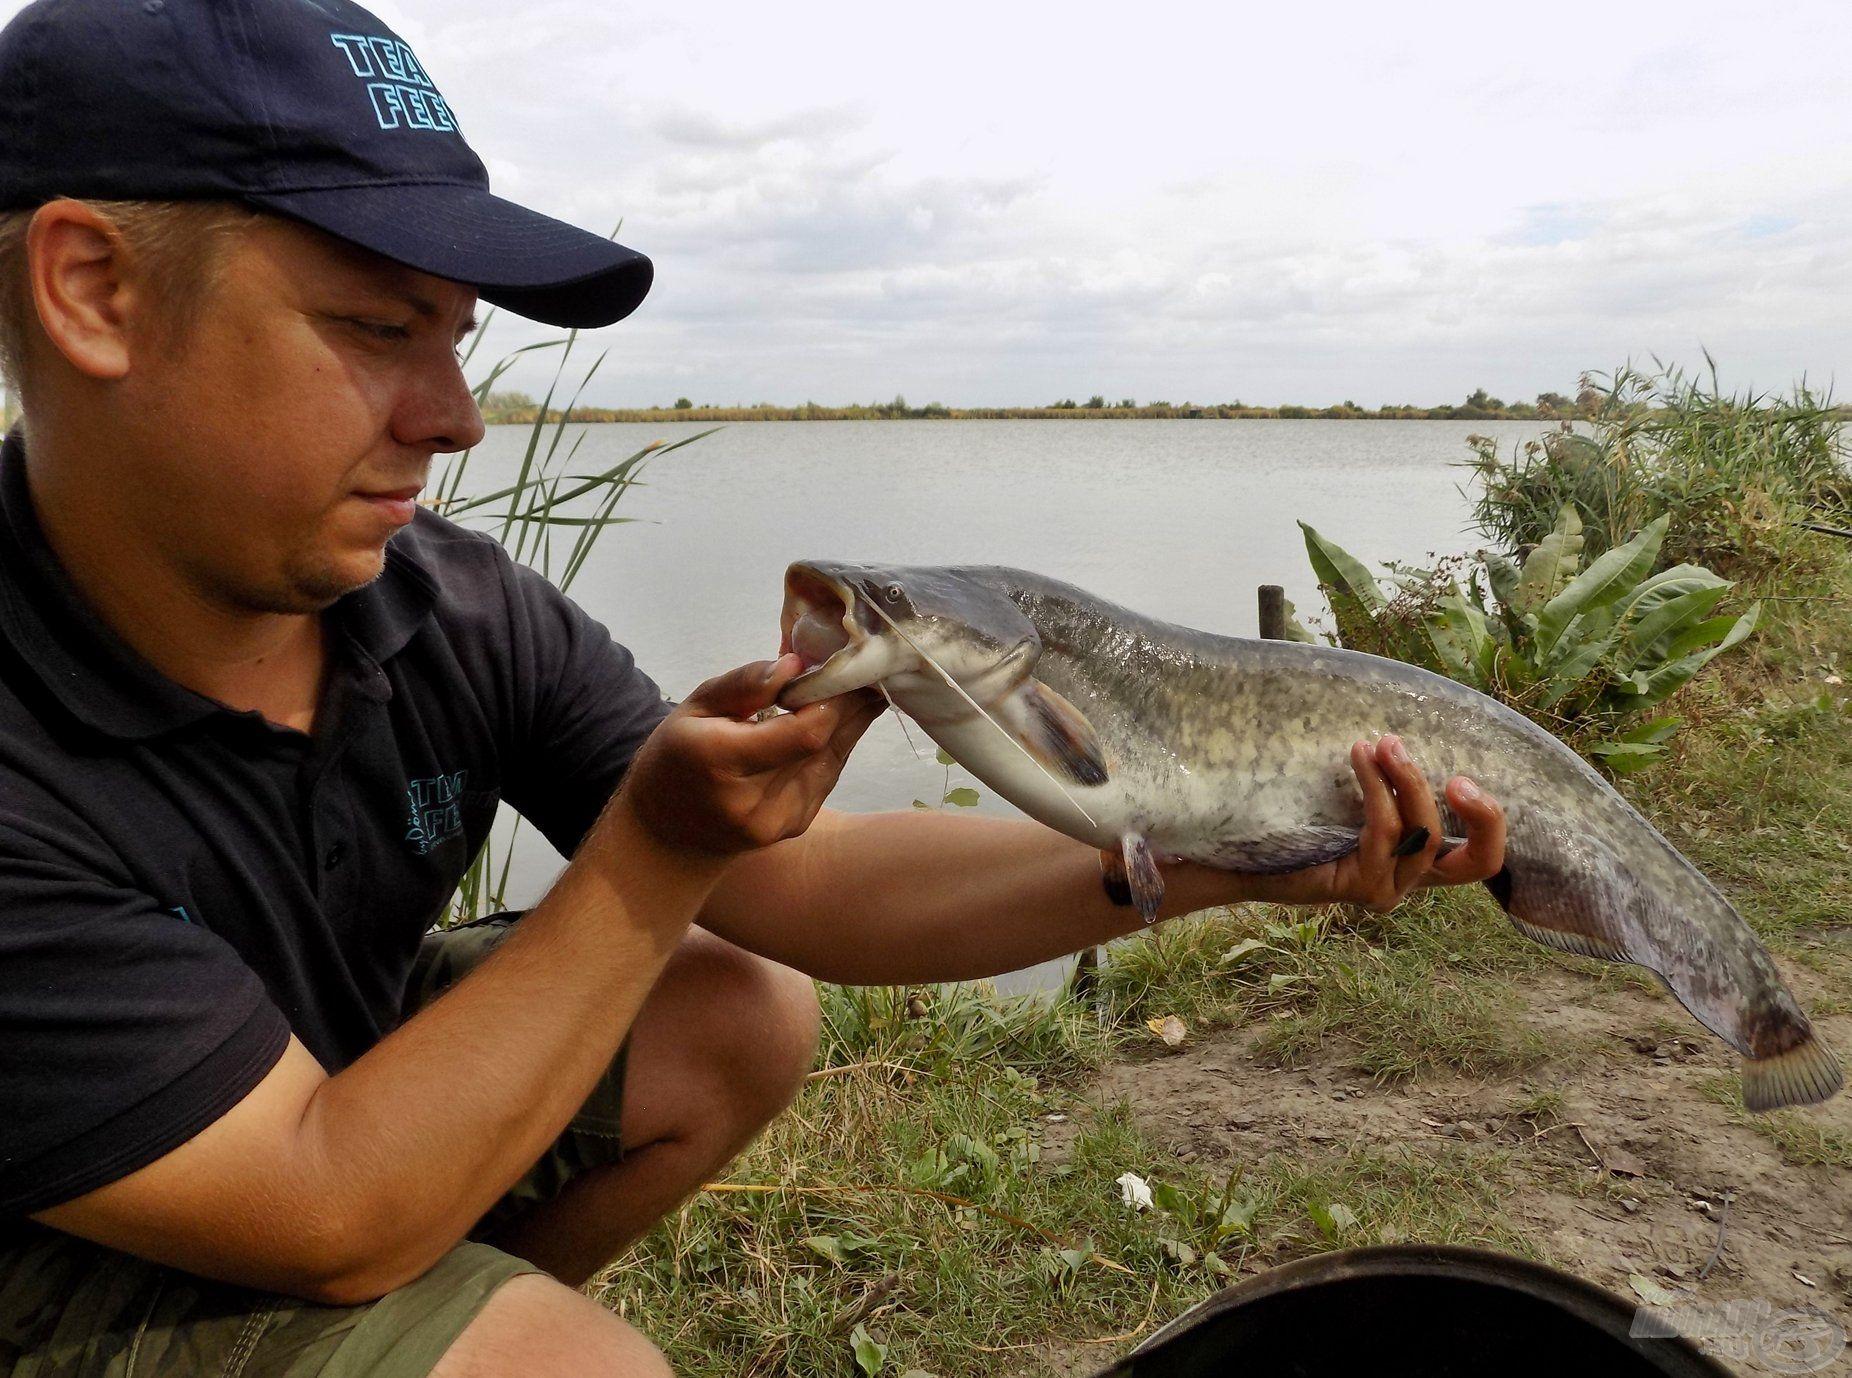 Ohaton sose tudhatjuk, hogy éppen mi akadt a horgunkra! A horgászat meglepetéshala lett ez a szép szürkeharcsa, amely a pontyokat beelőzve húzta el a felkínált pelletet